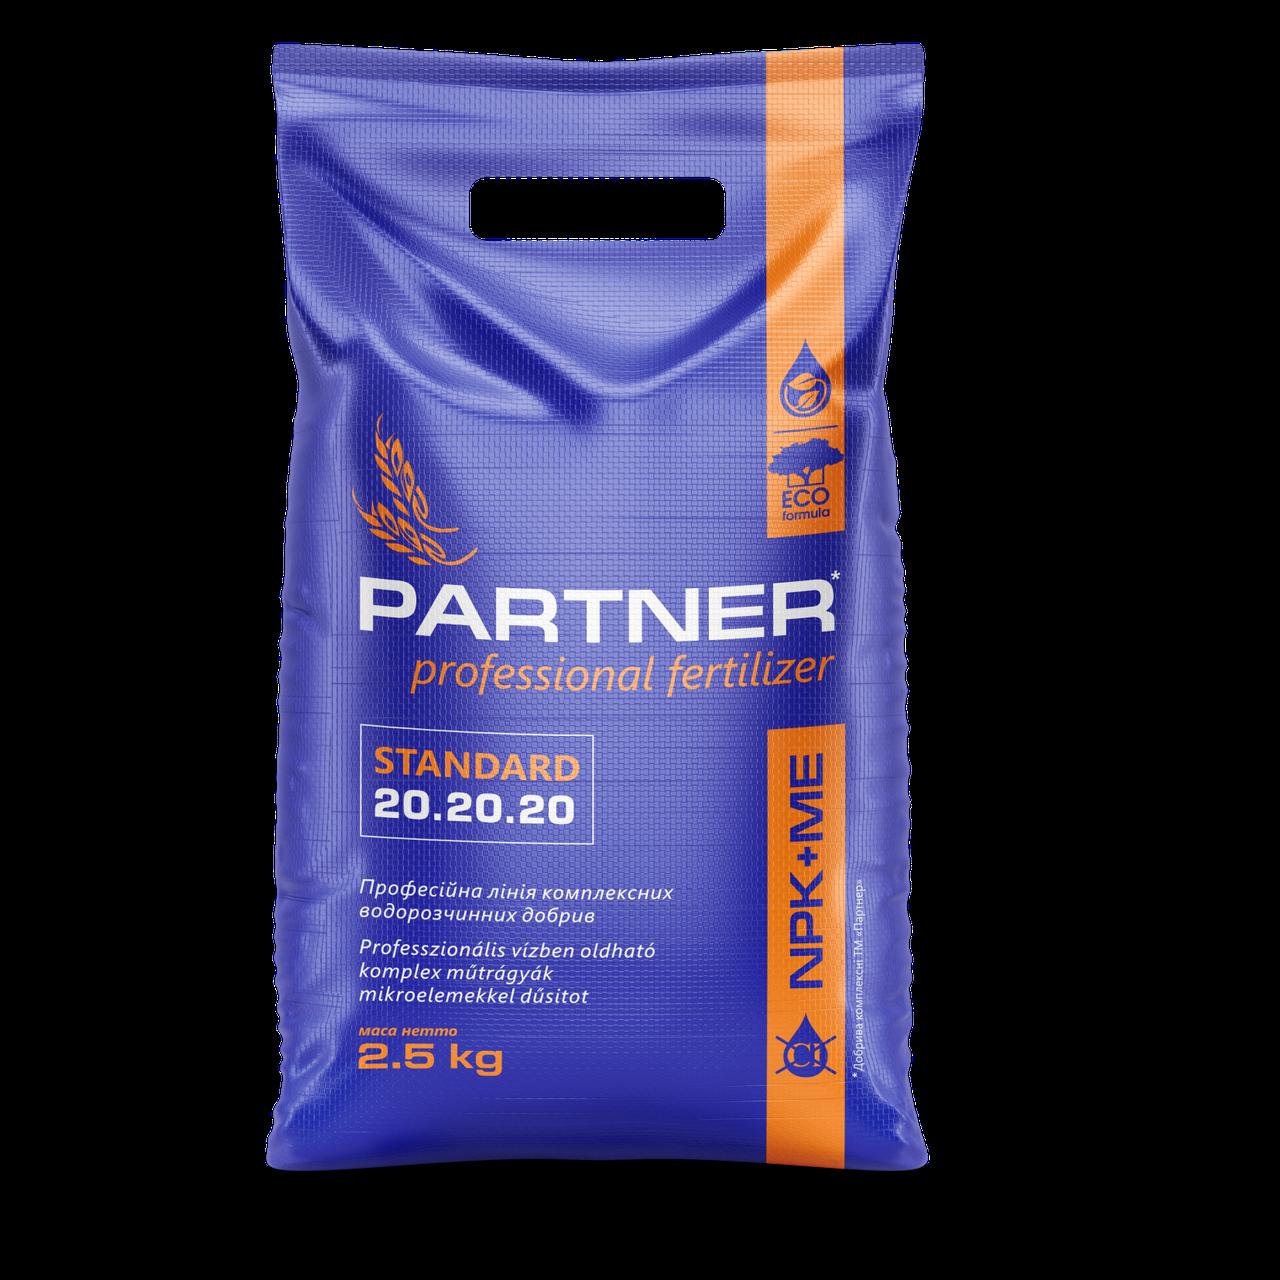 Партнер standart-20.20.20 2,5 кг